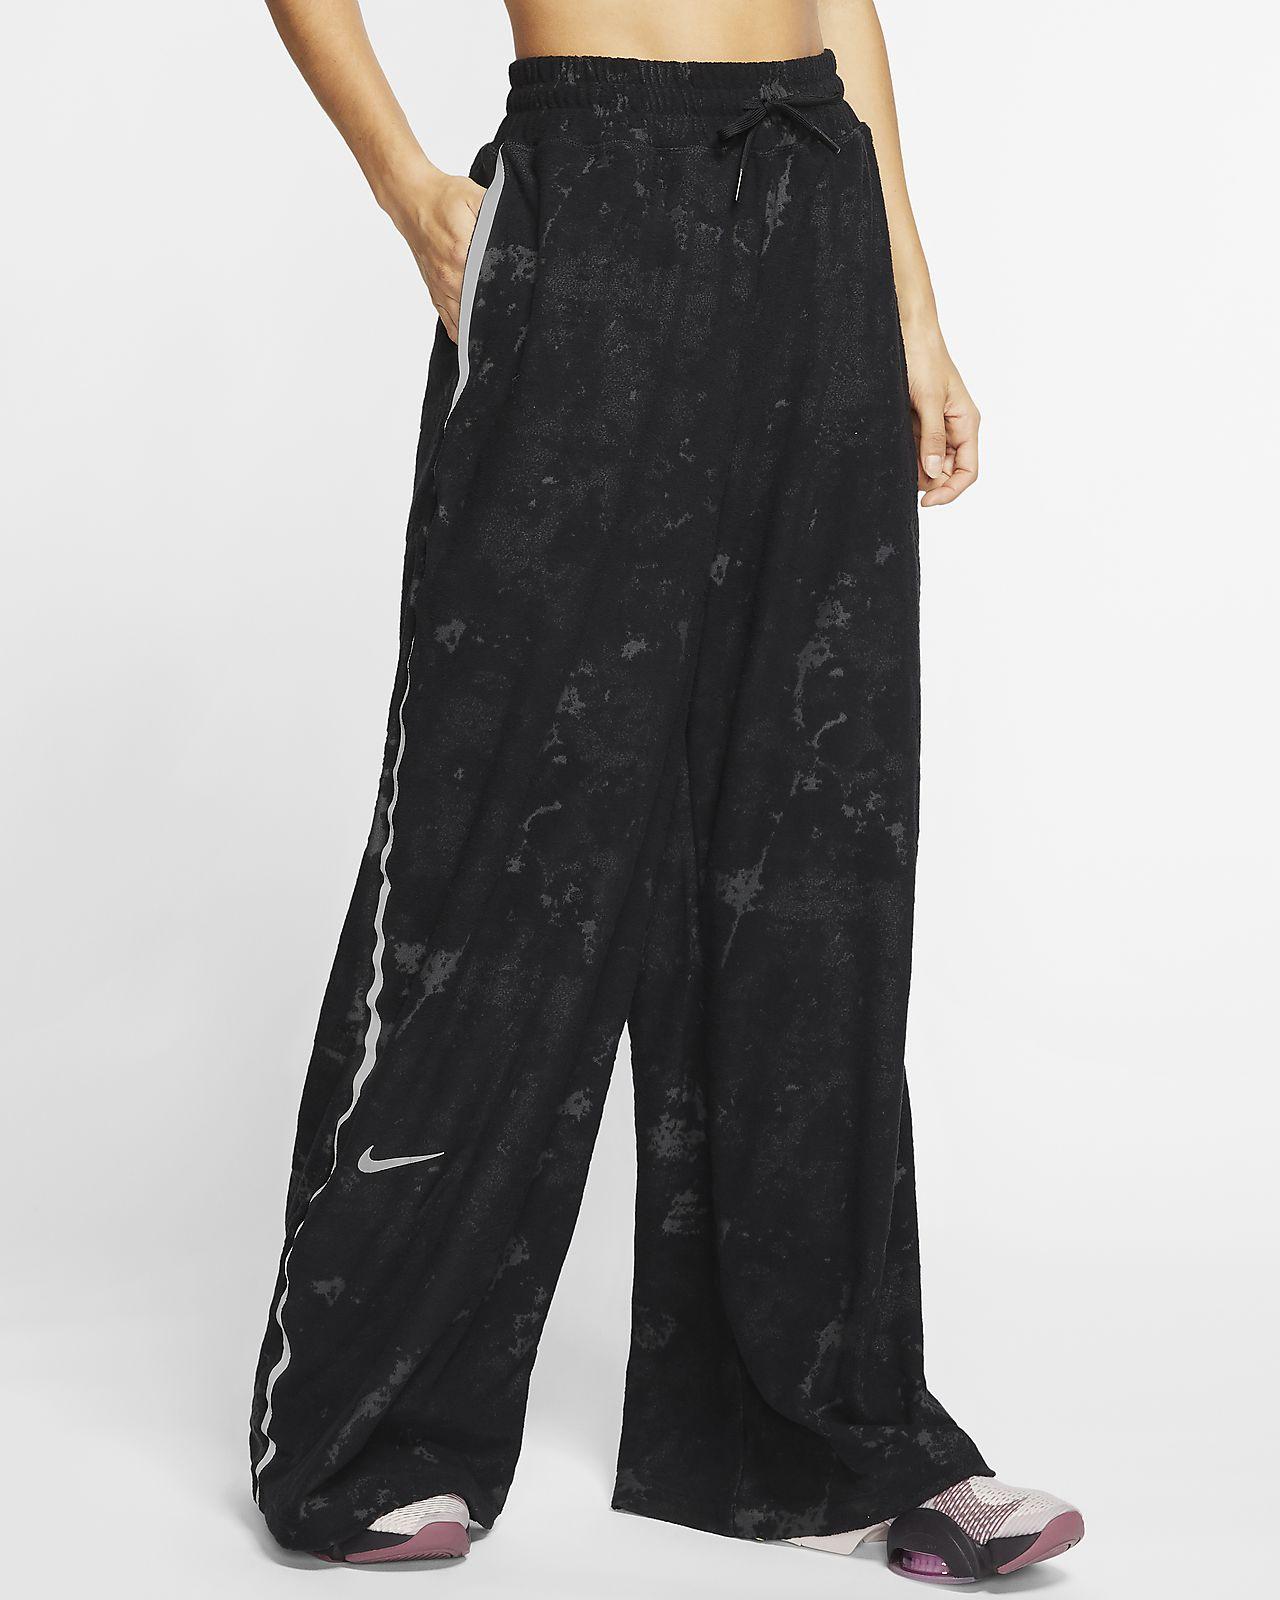 Γυναικείο φλις παντελόνι προπόνησης Nike City Ready